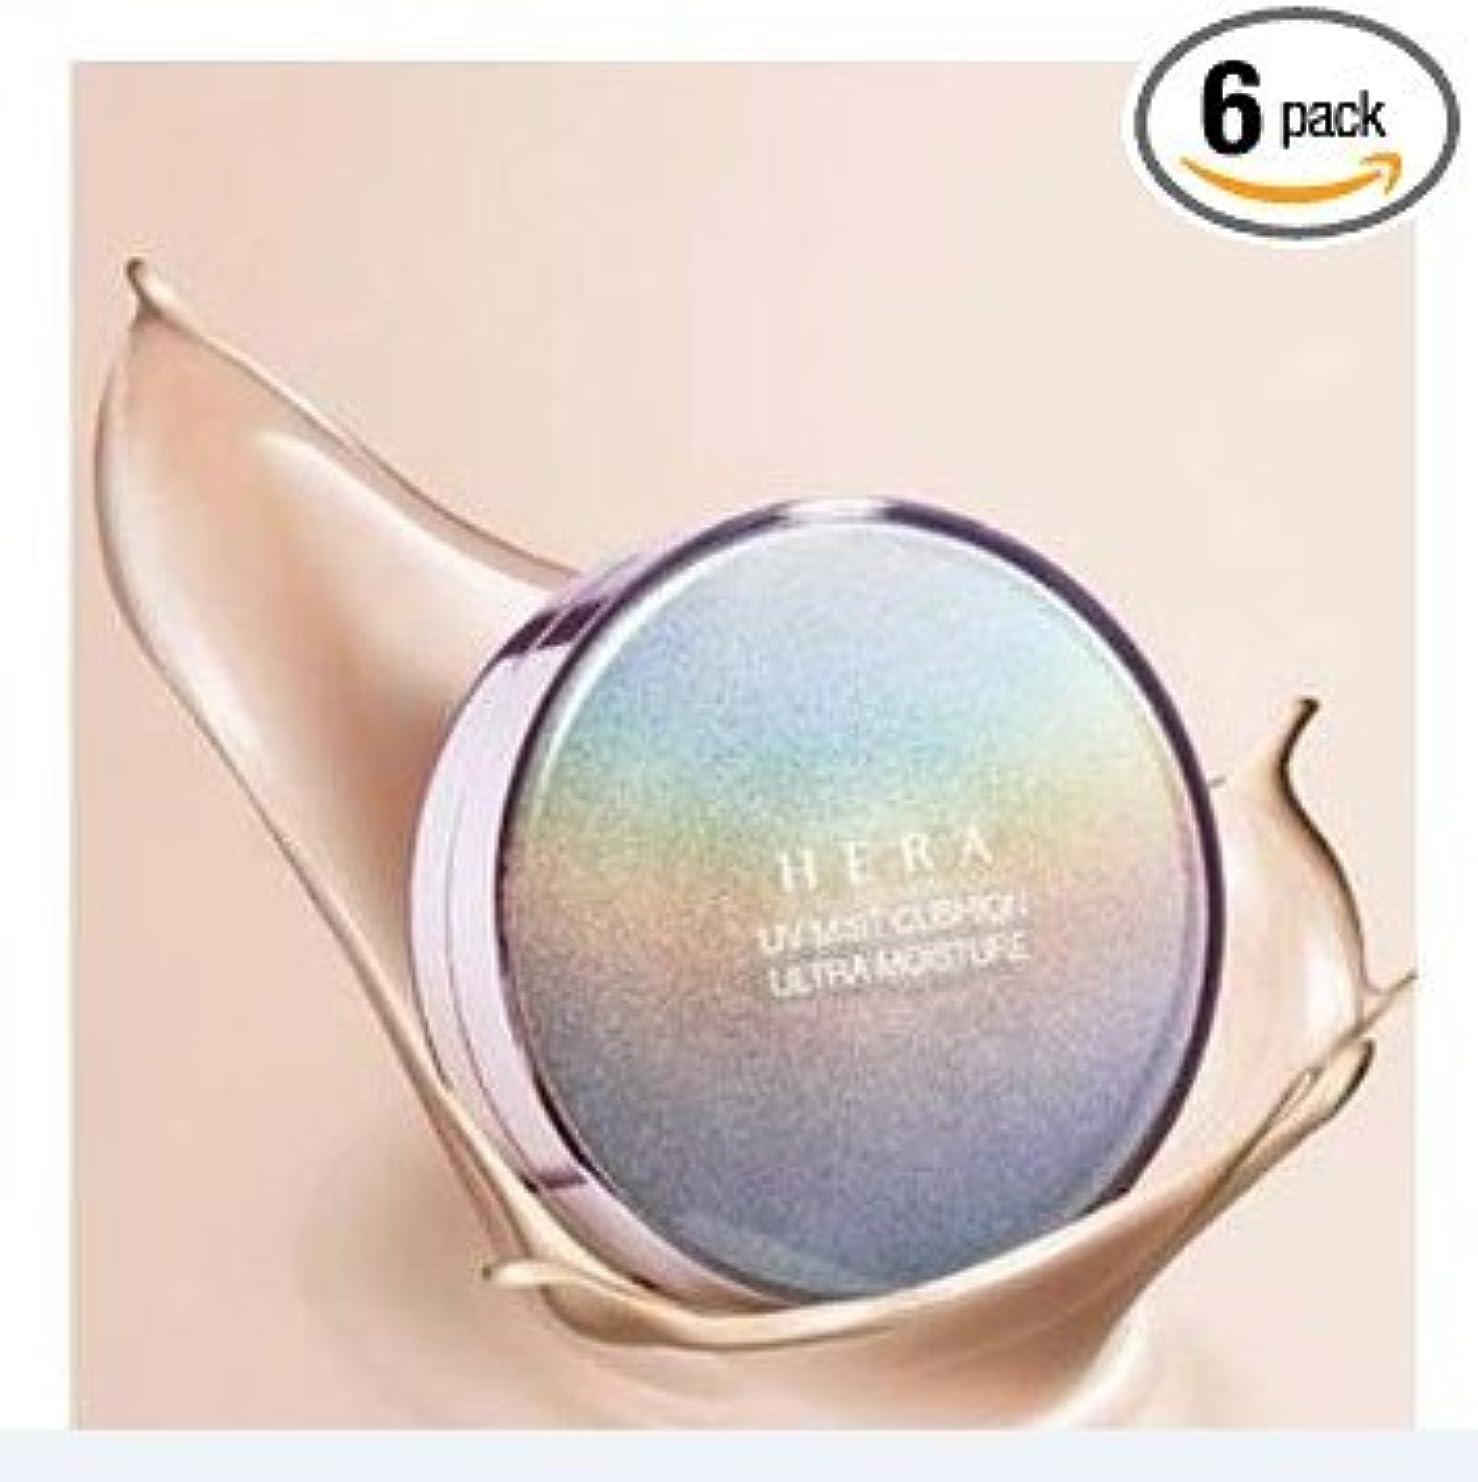 悔い改め放射能メタルラインHERA UV MIST CUSHION ULTRA MOISTURE (SPF34/PA++) 21 Cool Vanilla by Amore Pacific [並行輸入品]